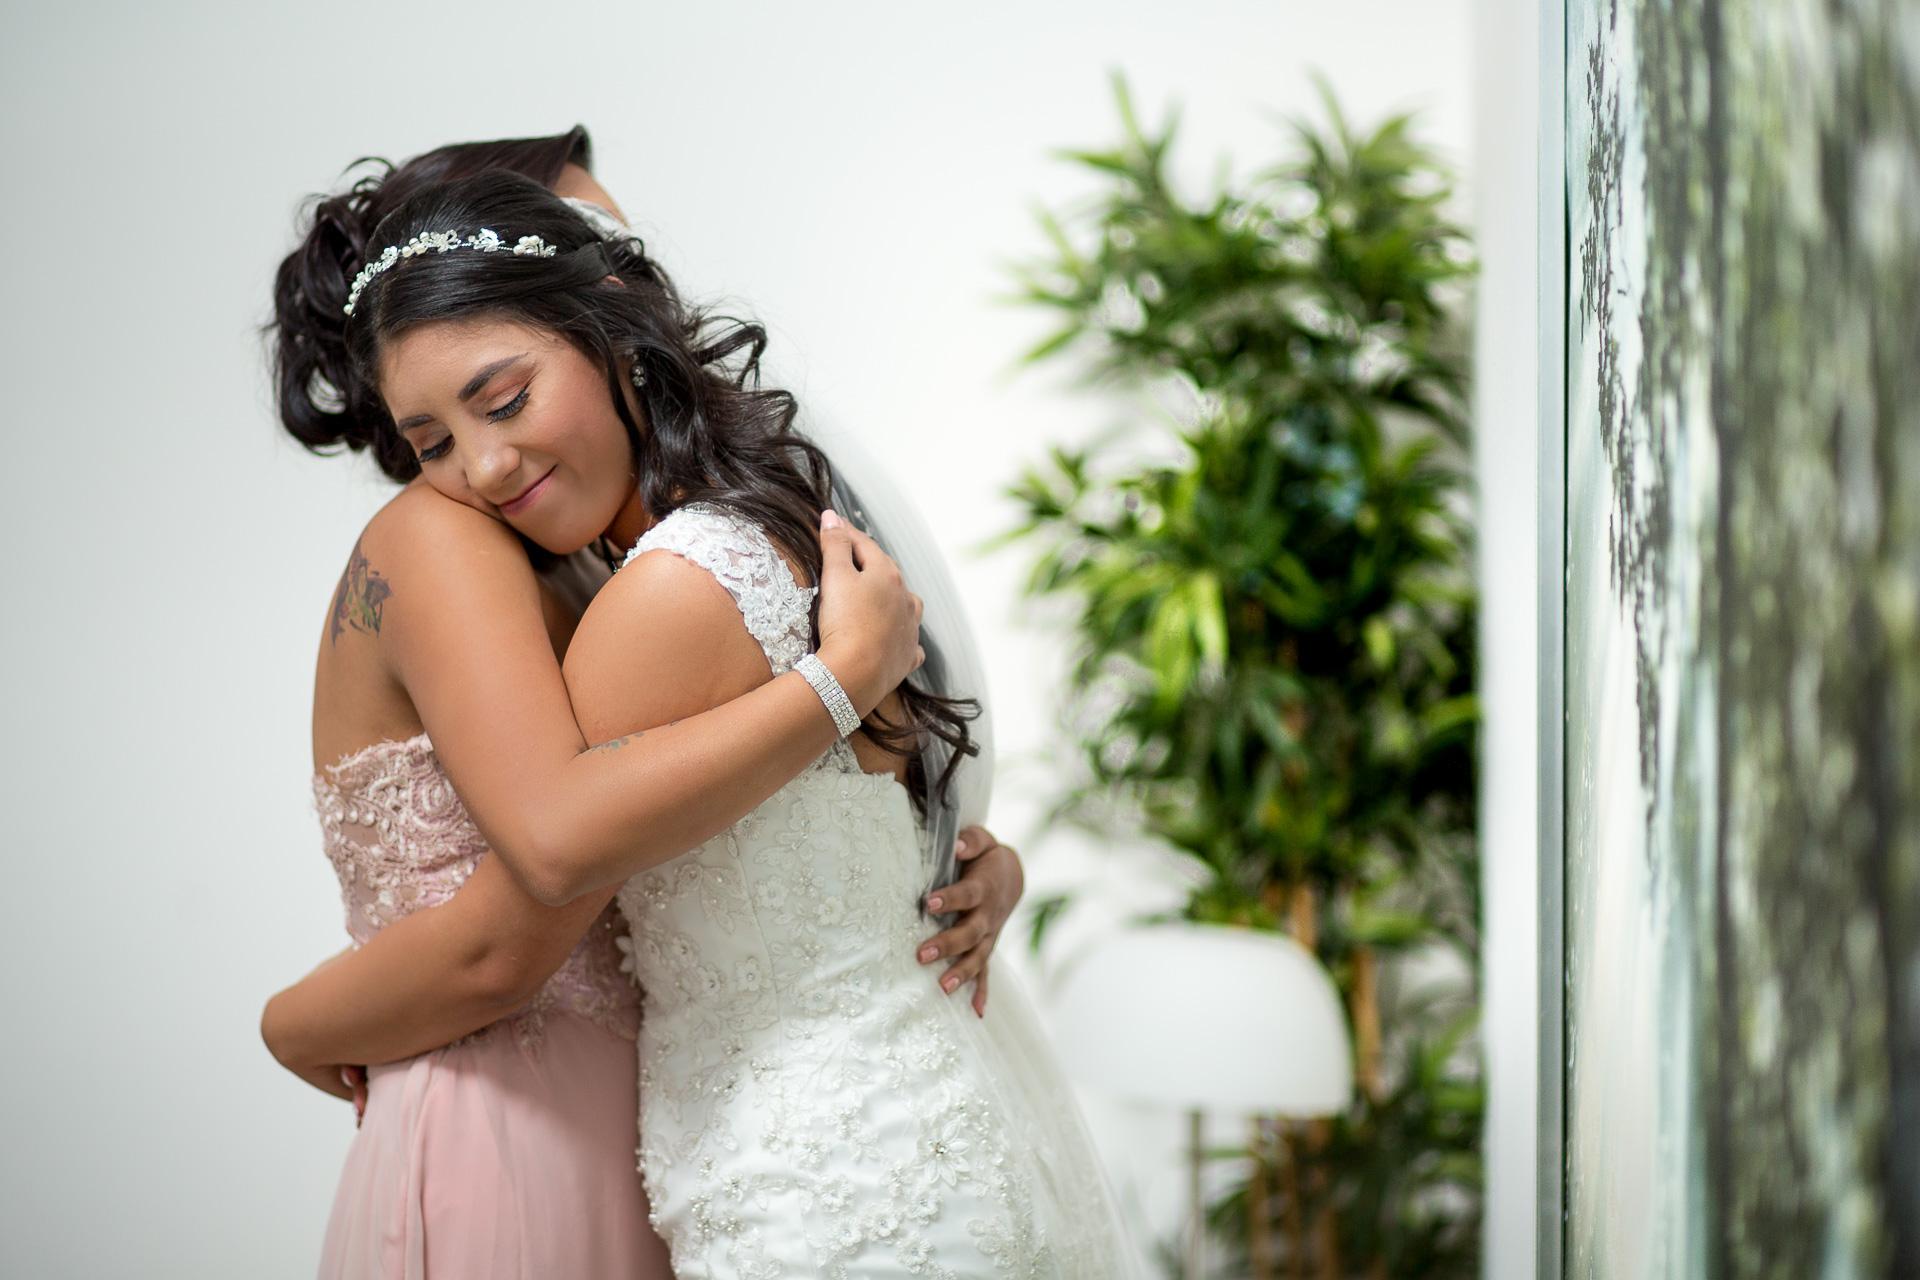 Fotógrafos-de-bodas-en-Colombia-Alejandro-y-Angelica-16 ALEJANDRO + ANGELICA